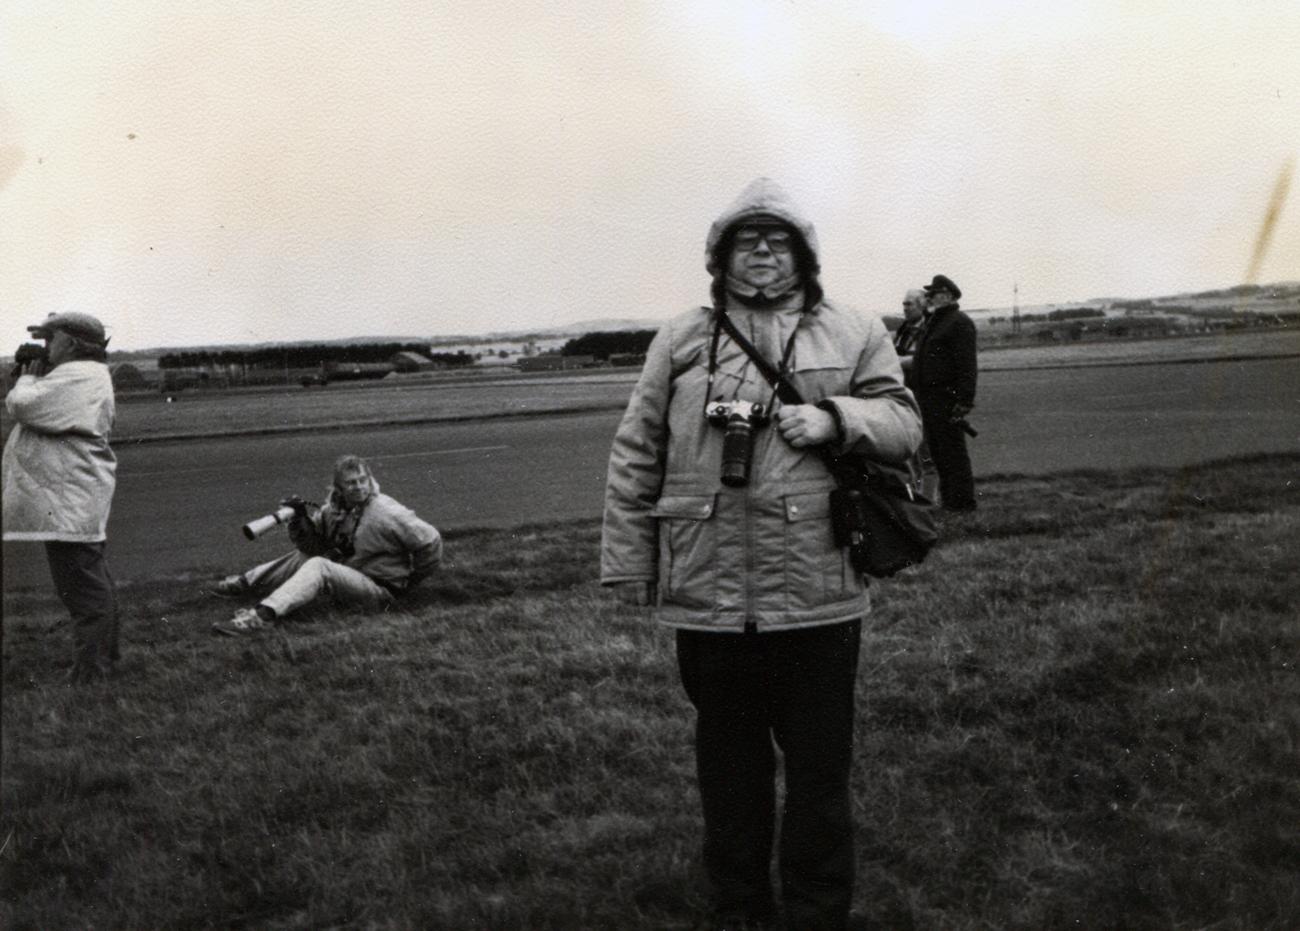 Aeroplane Enthusiasts 1990s